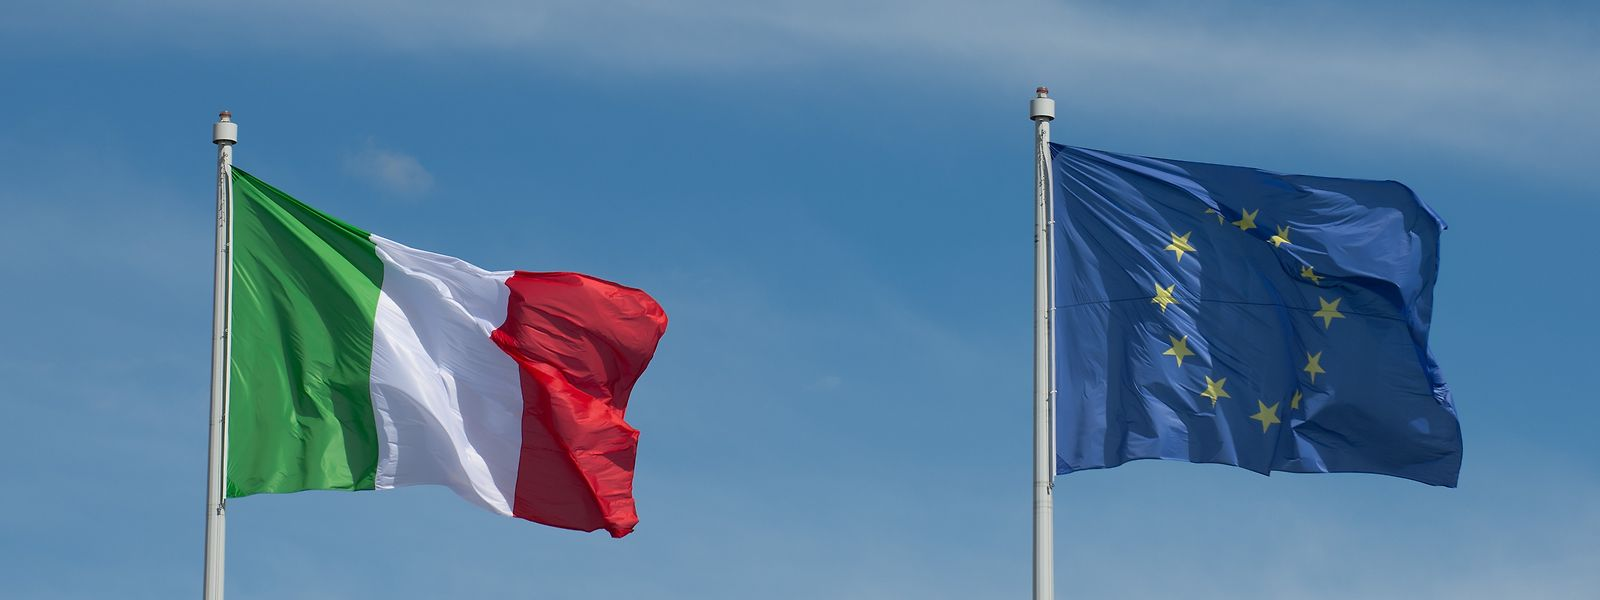 Mit dem Rest der EU könnte Italien demnächst mächtig Ärger bekommen.